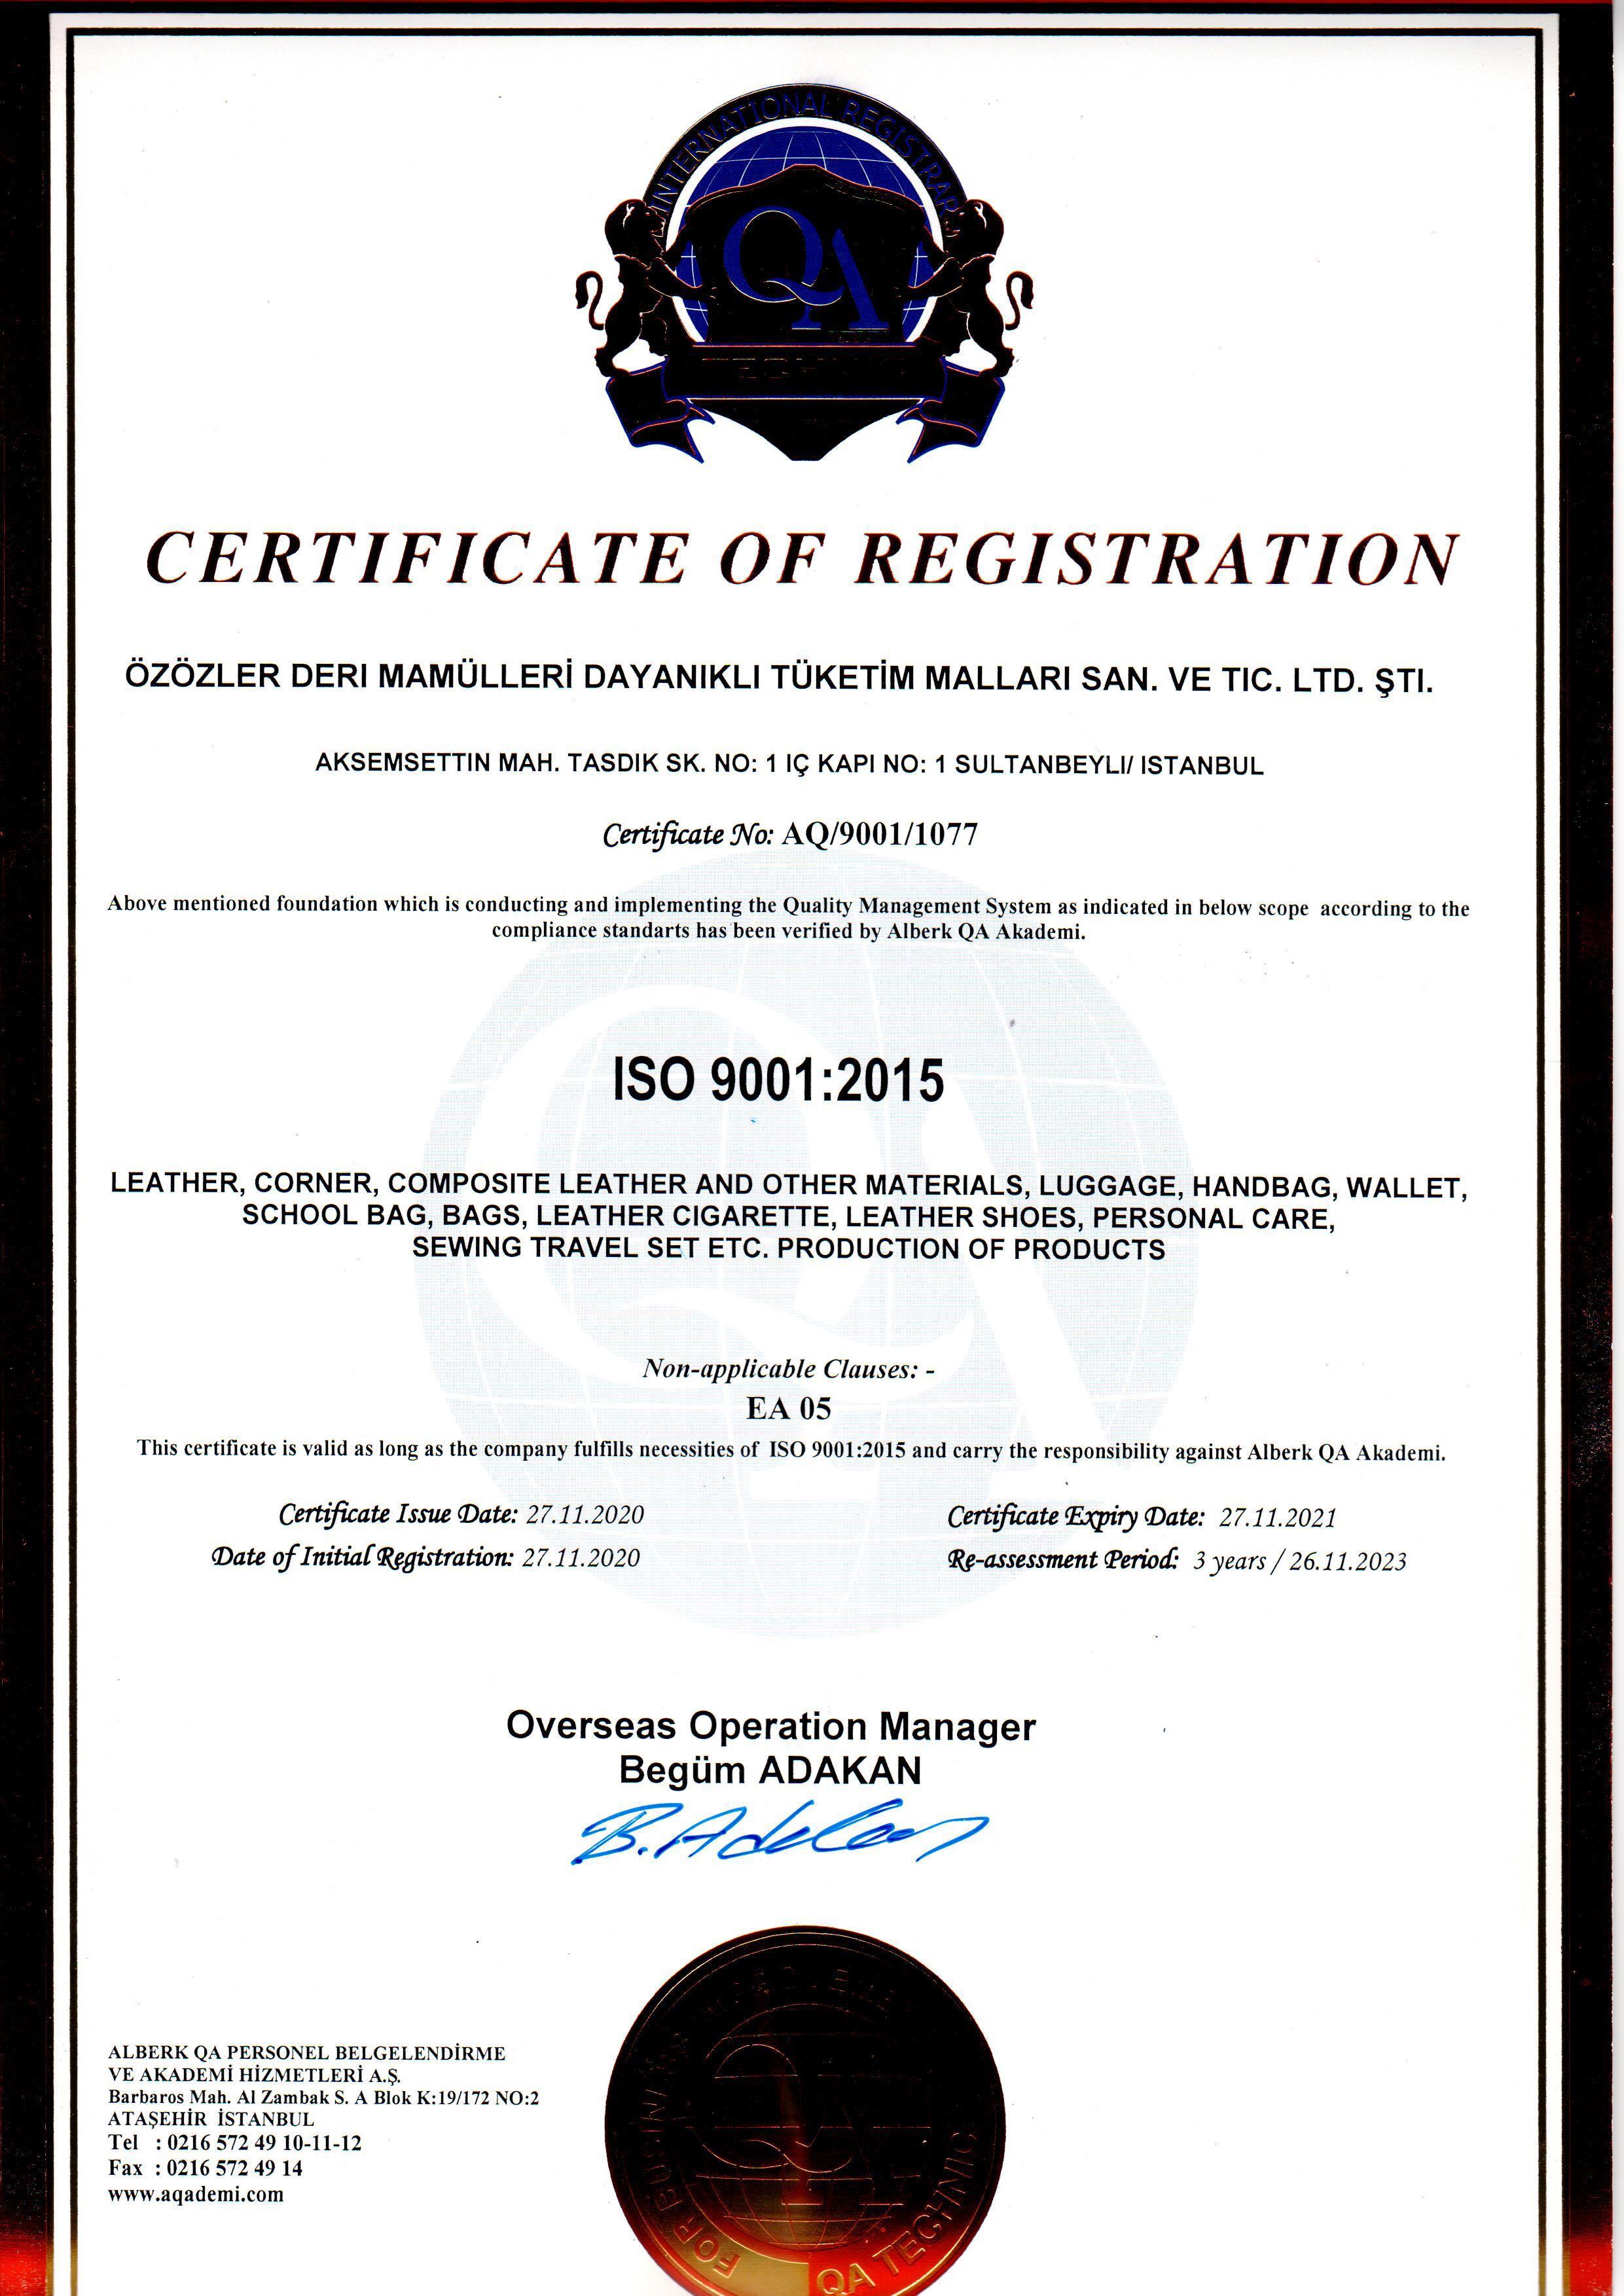 İSO 9001-2015 BELGE 27.11.2020.jpg (1.34 MB)